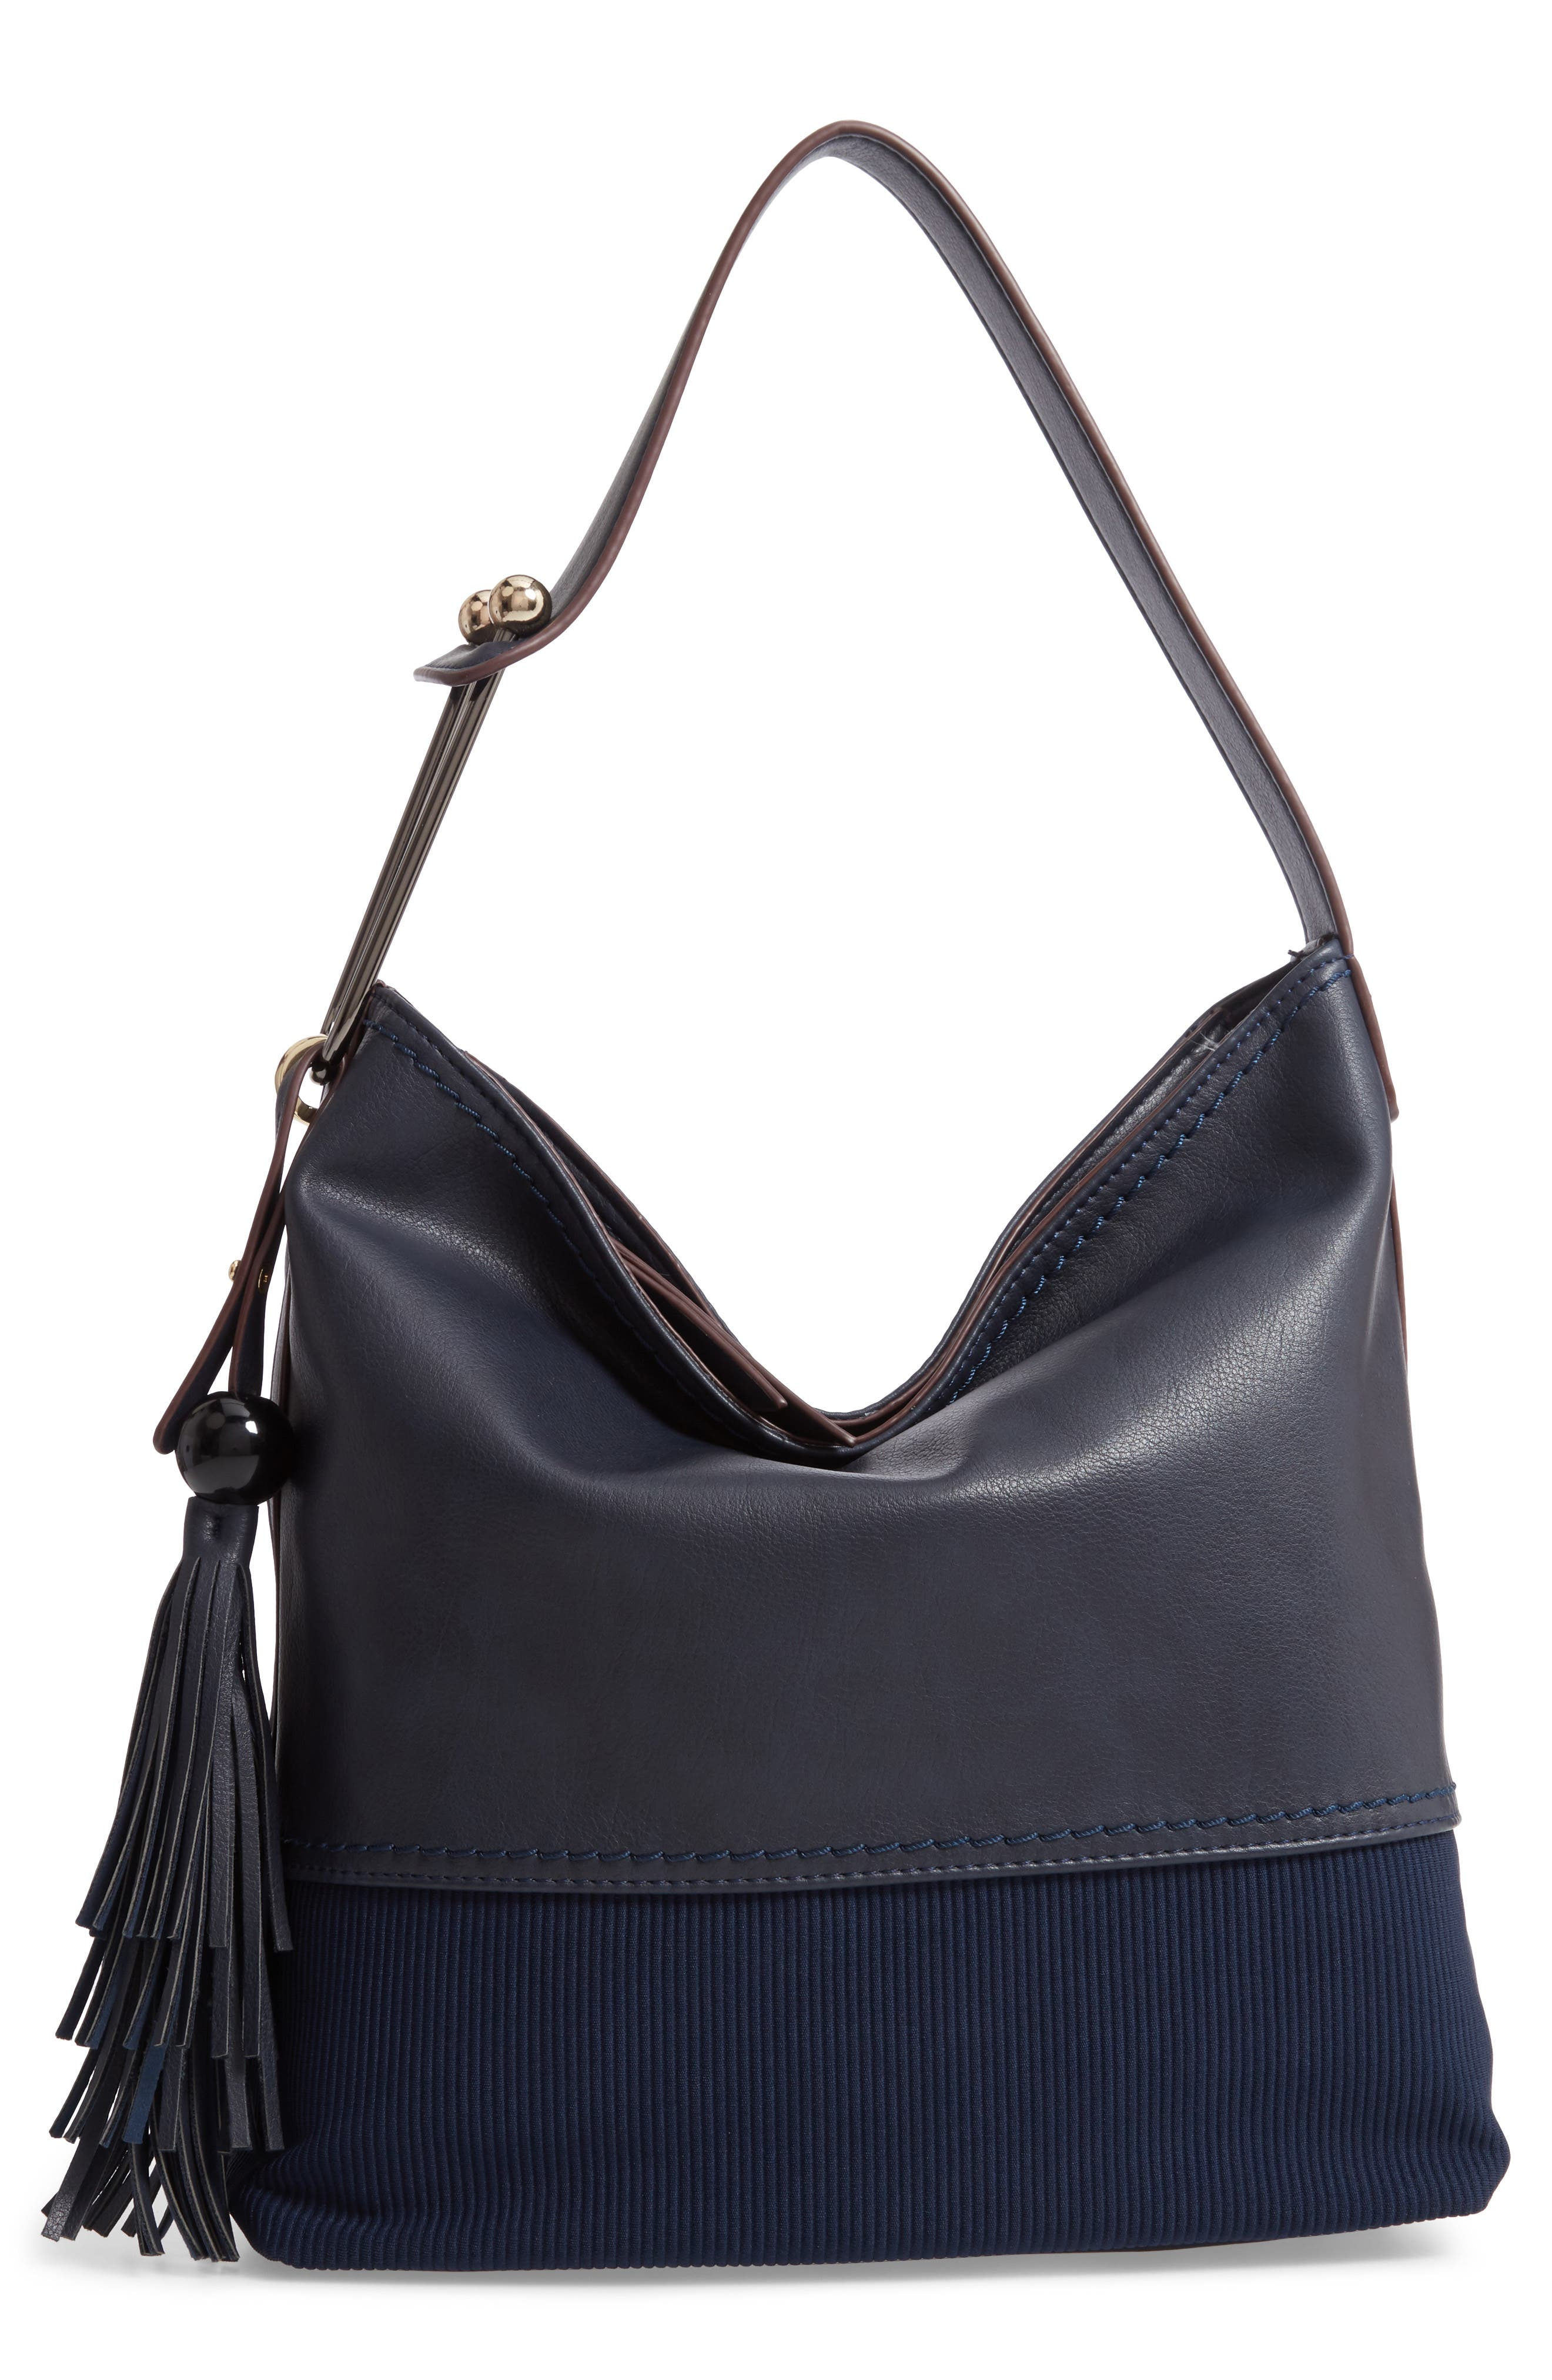 Sondra Roberts Handbags   Wallets for Women  a421357bbba36